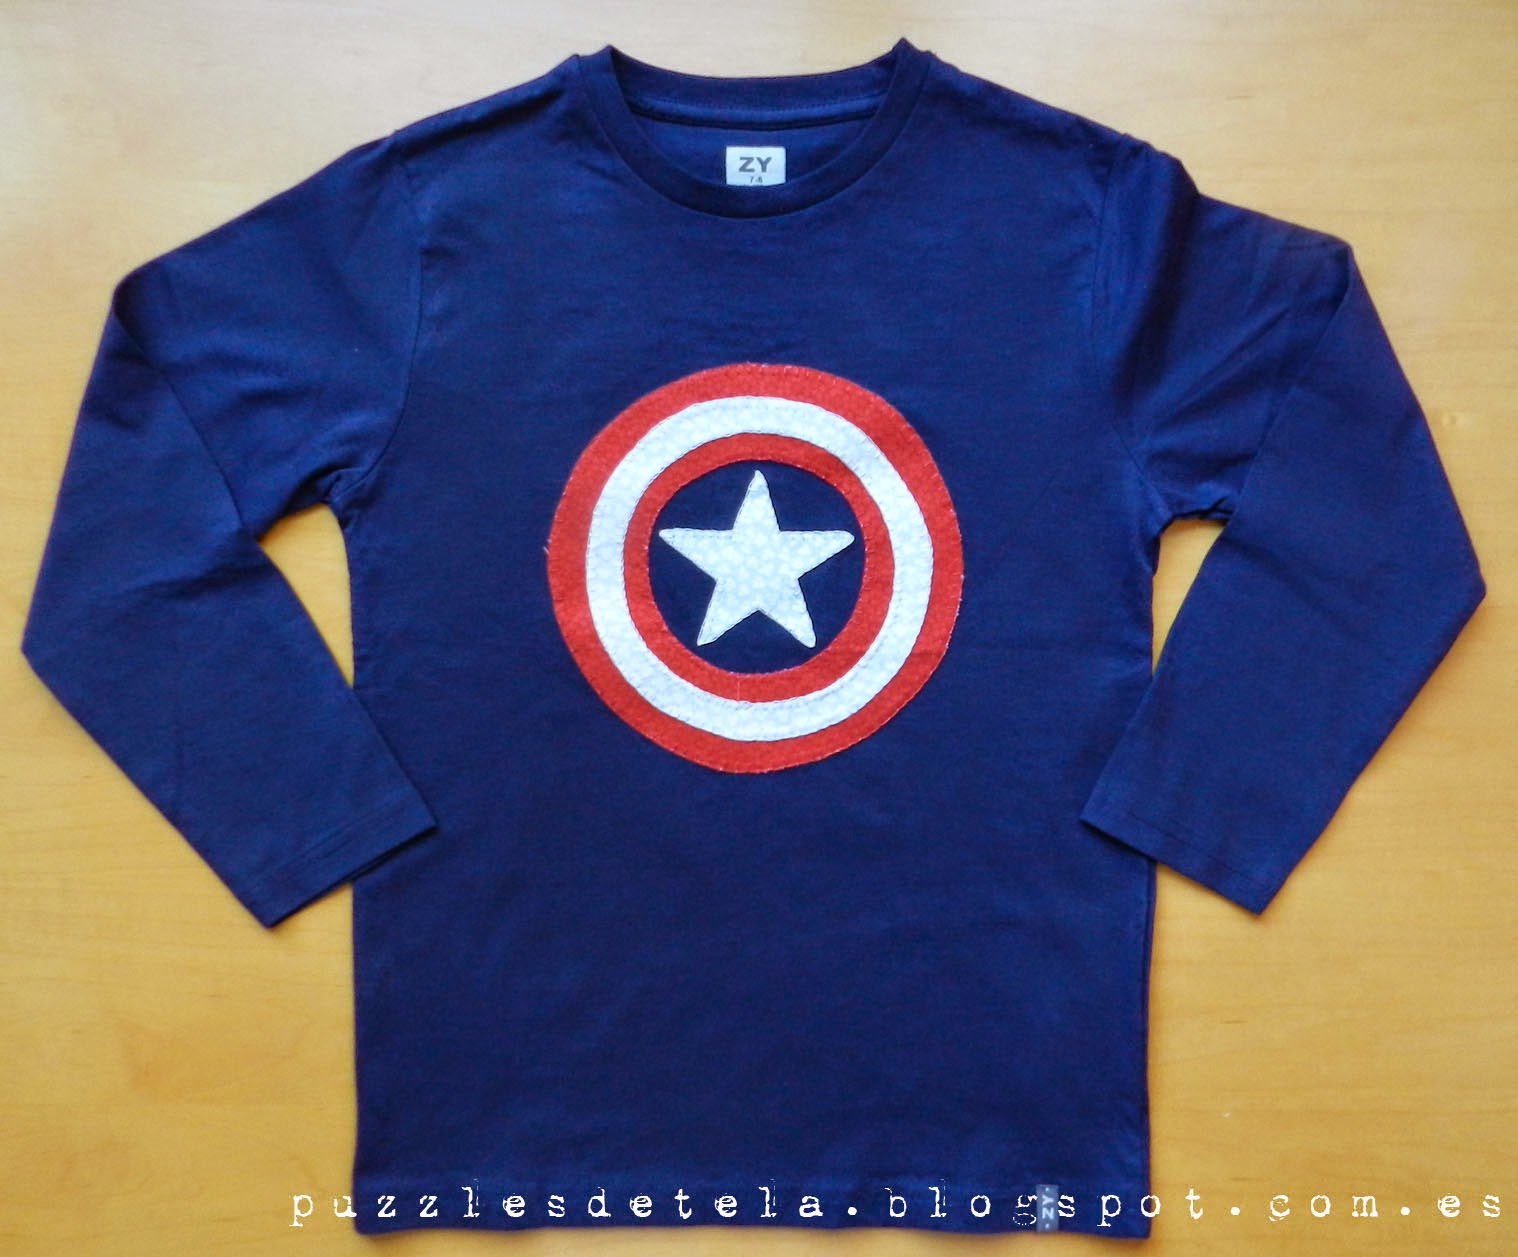 Salón del cómic, Salón del cómic Zaragoza, Los Vengadores, Camisetas de los Vengadores,patchwork, camisetas patchwork, camisetas niño, ropa infantil, camiseta capitán América, capitán América, aplicaciones